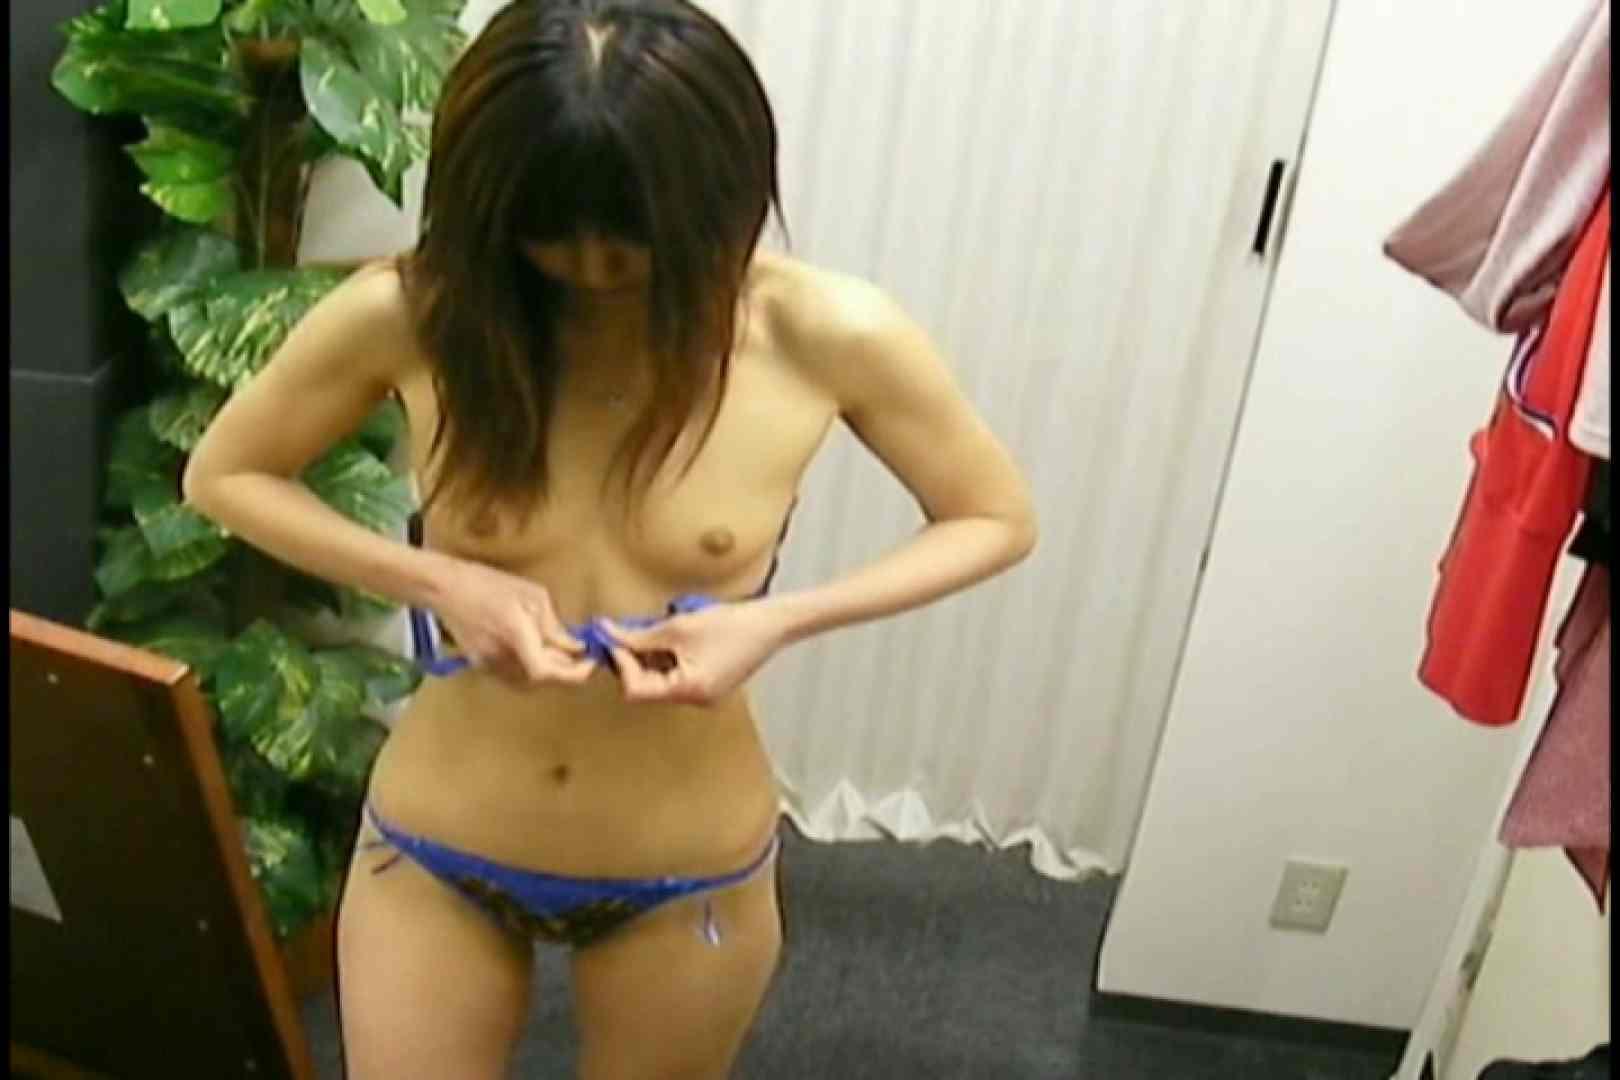 素人撮影 下着だけの撮影のはずが・・・りか26歳 水着特集 すけべAV動画紹介 64pic 46